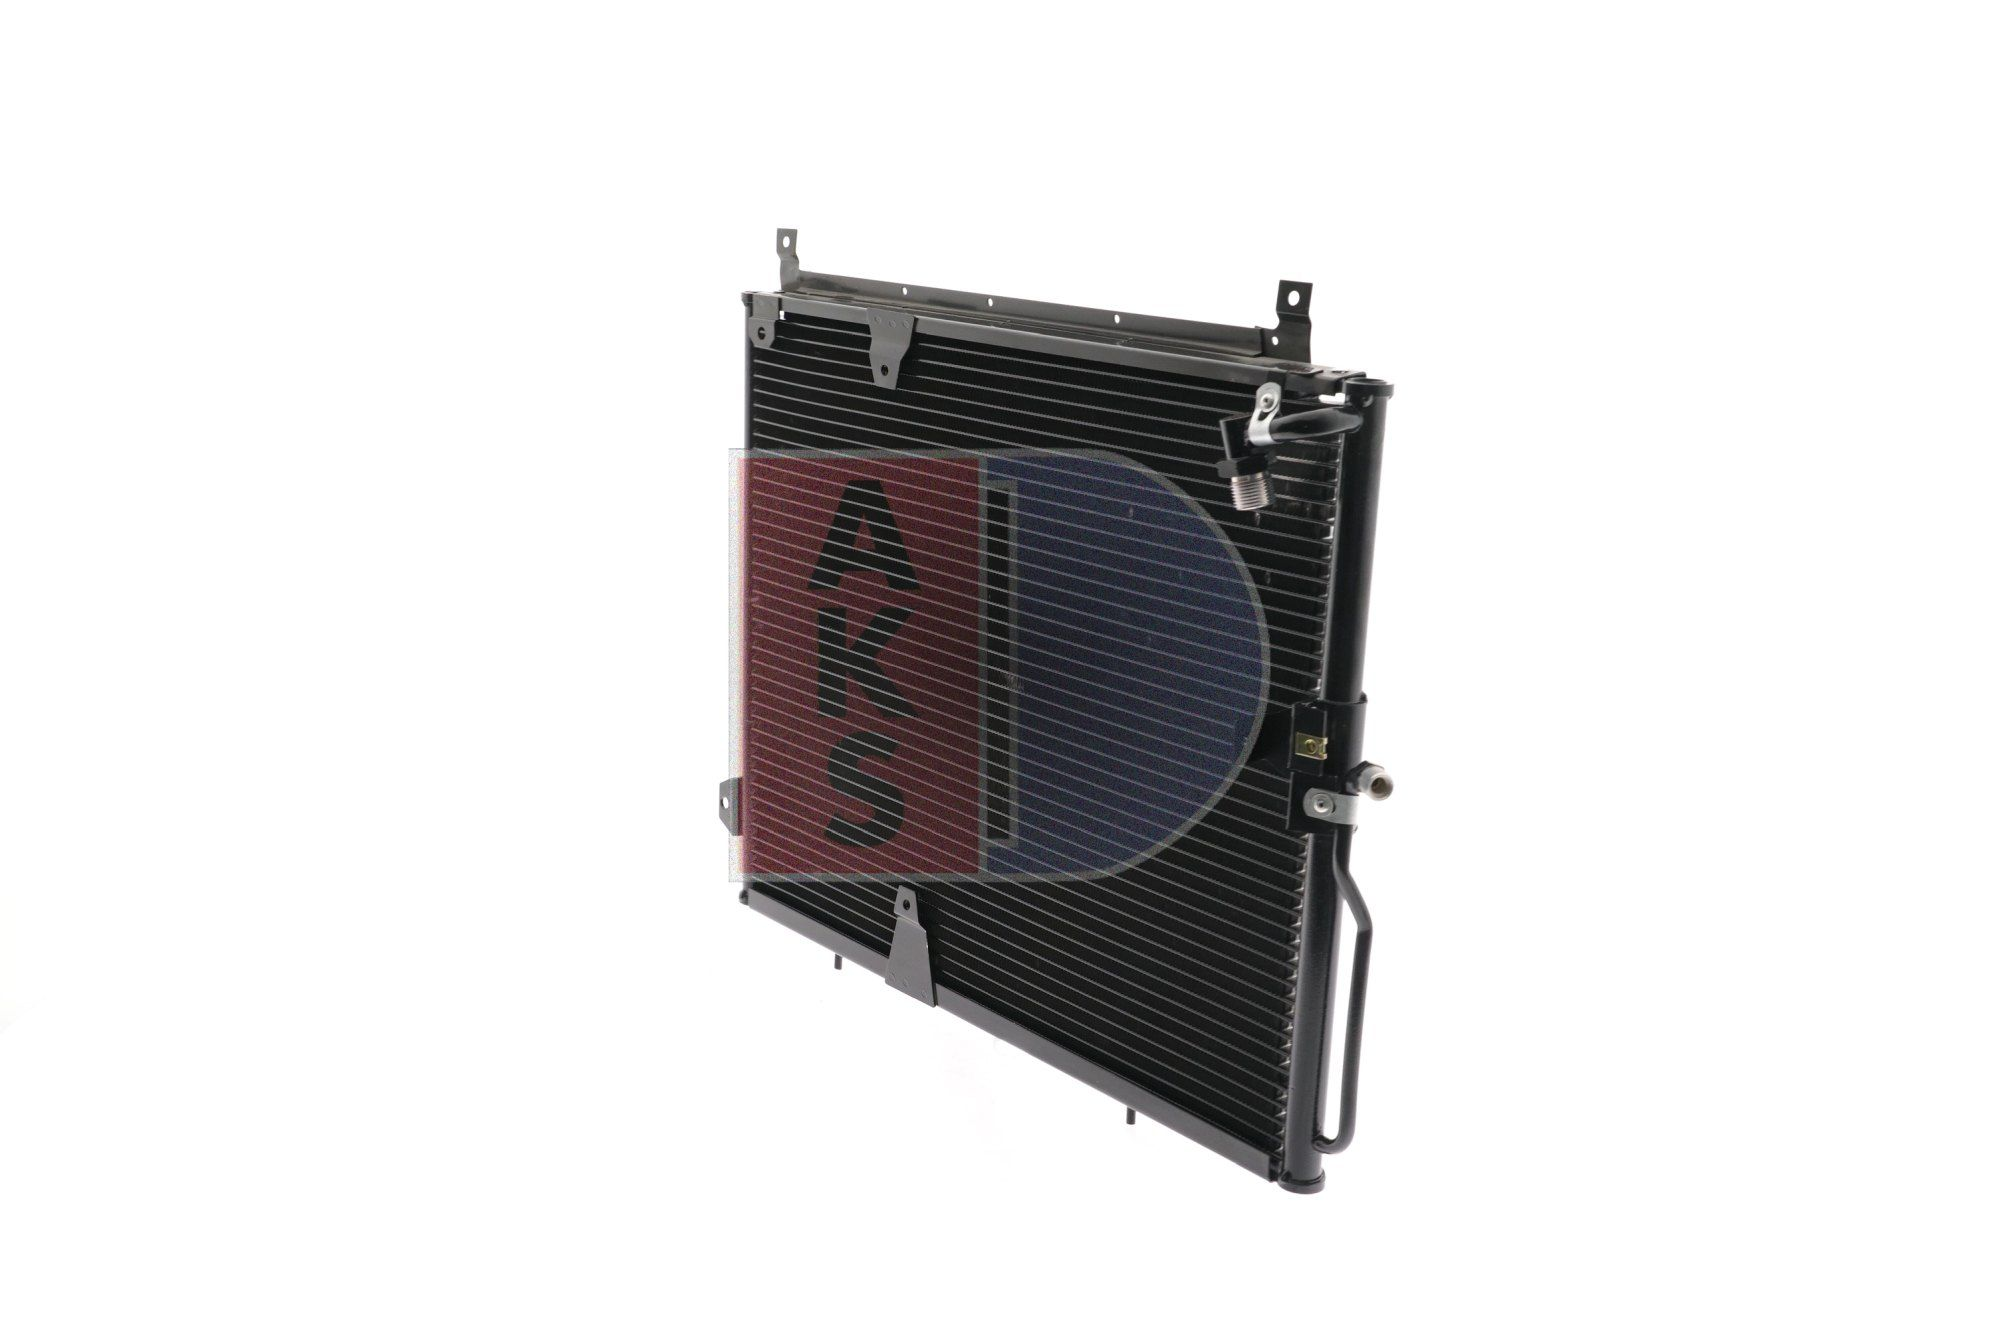 Kondensator Klimaanlage AKS DASIS 152015N Erfahrung